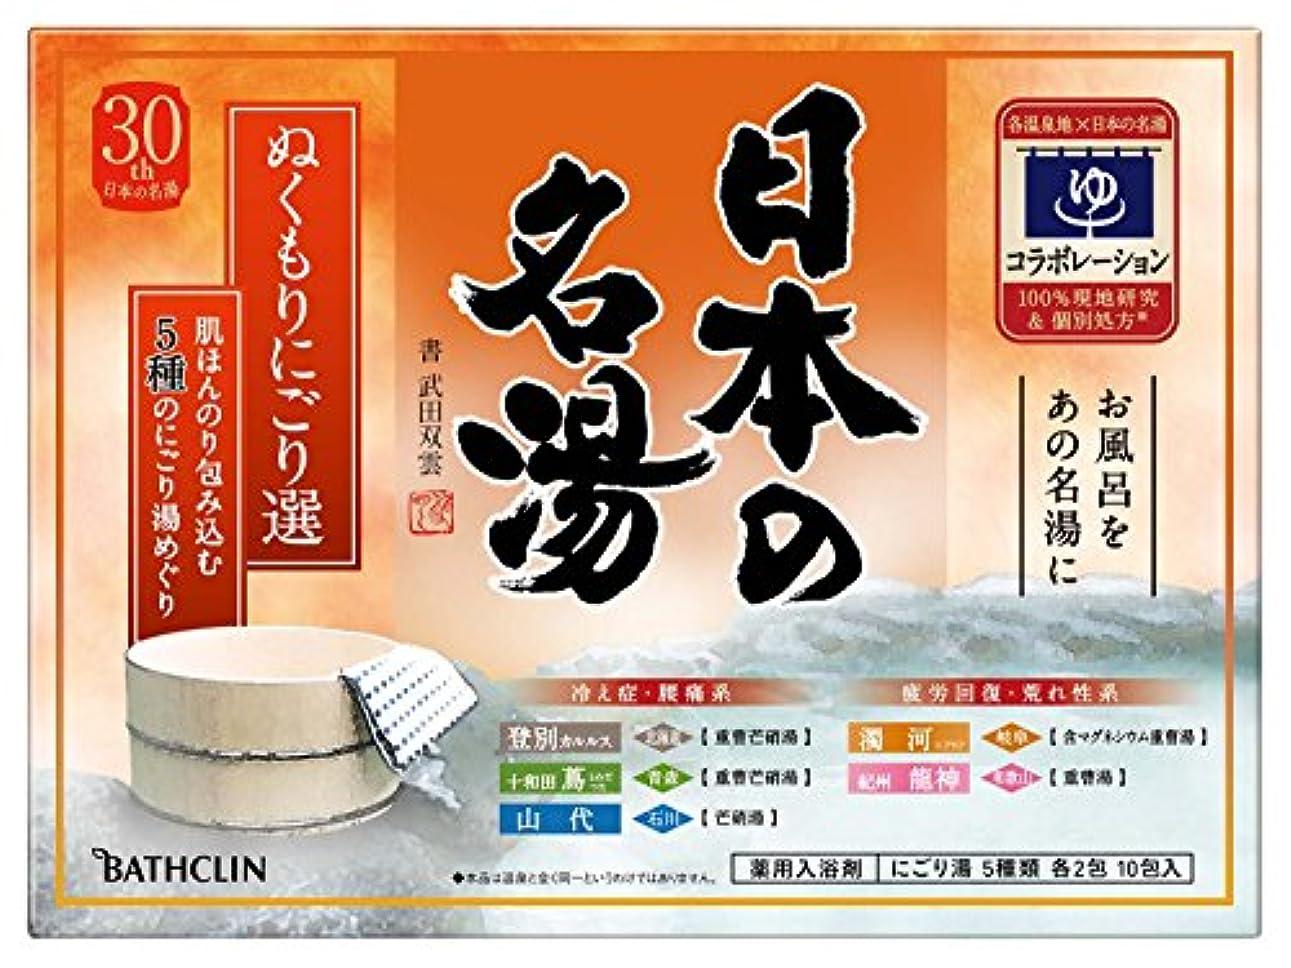 日本の名湯 ぬくもりにごり選 30g 10包入り 入浴剤 (医薬部外品)